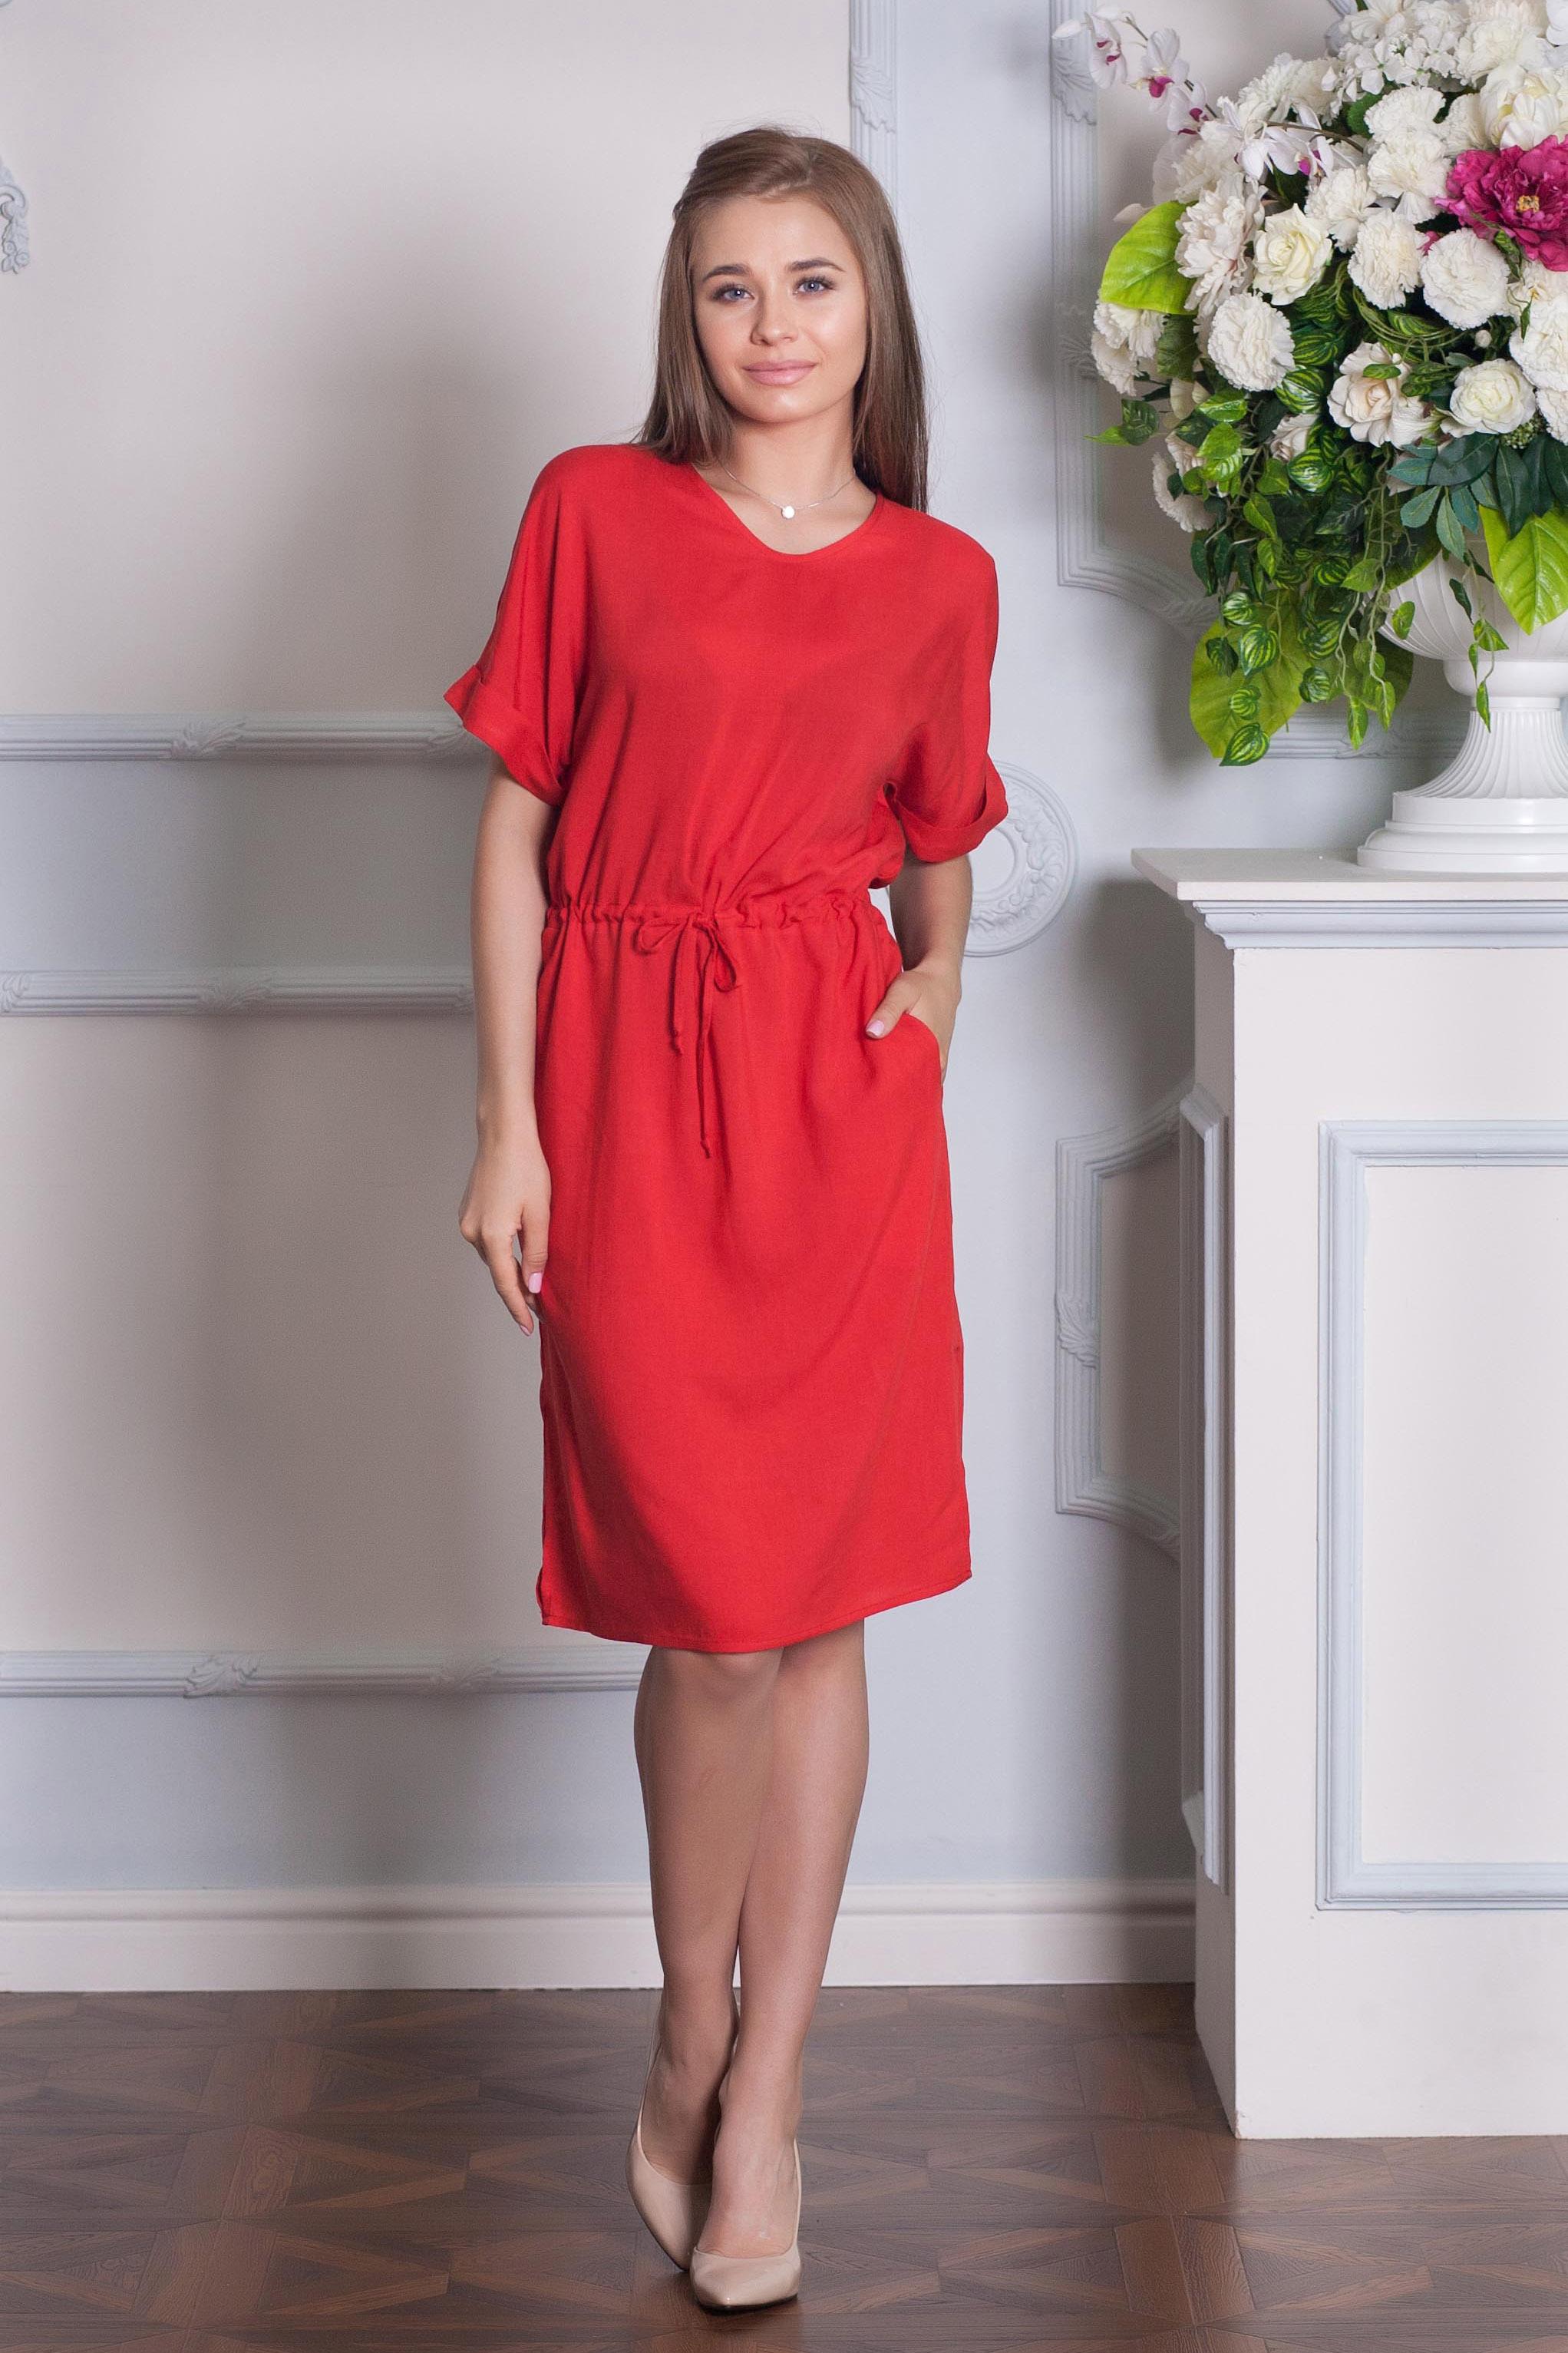 ПлатьеПлатья<br>Элегантное и женственное платье, которое подойдет любому типу фигуры, выполненное из приятного телу хлопка.  Цвет: красный.  Рост девушки-фотомодели 170 см<br><br>Горловина: С- горловина<br>По материалу: Хлопок<br>По образу: Город,Свидание<br>По рисунку: Однотонные<br>По стилю: Кэжуал,Повседневный стиль<br>Рукав: Короткий рукав<br>По сезону: Лето<br>По длине: До колена<br>По силуэту: Свободные<br>Размер : 42,44,46,48,50,54<br>Материал: Хлопок<br>Количество в наличии: 6